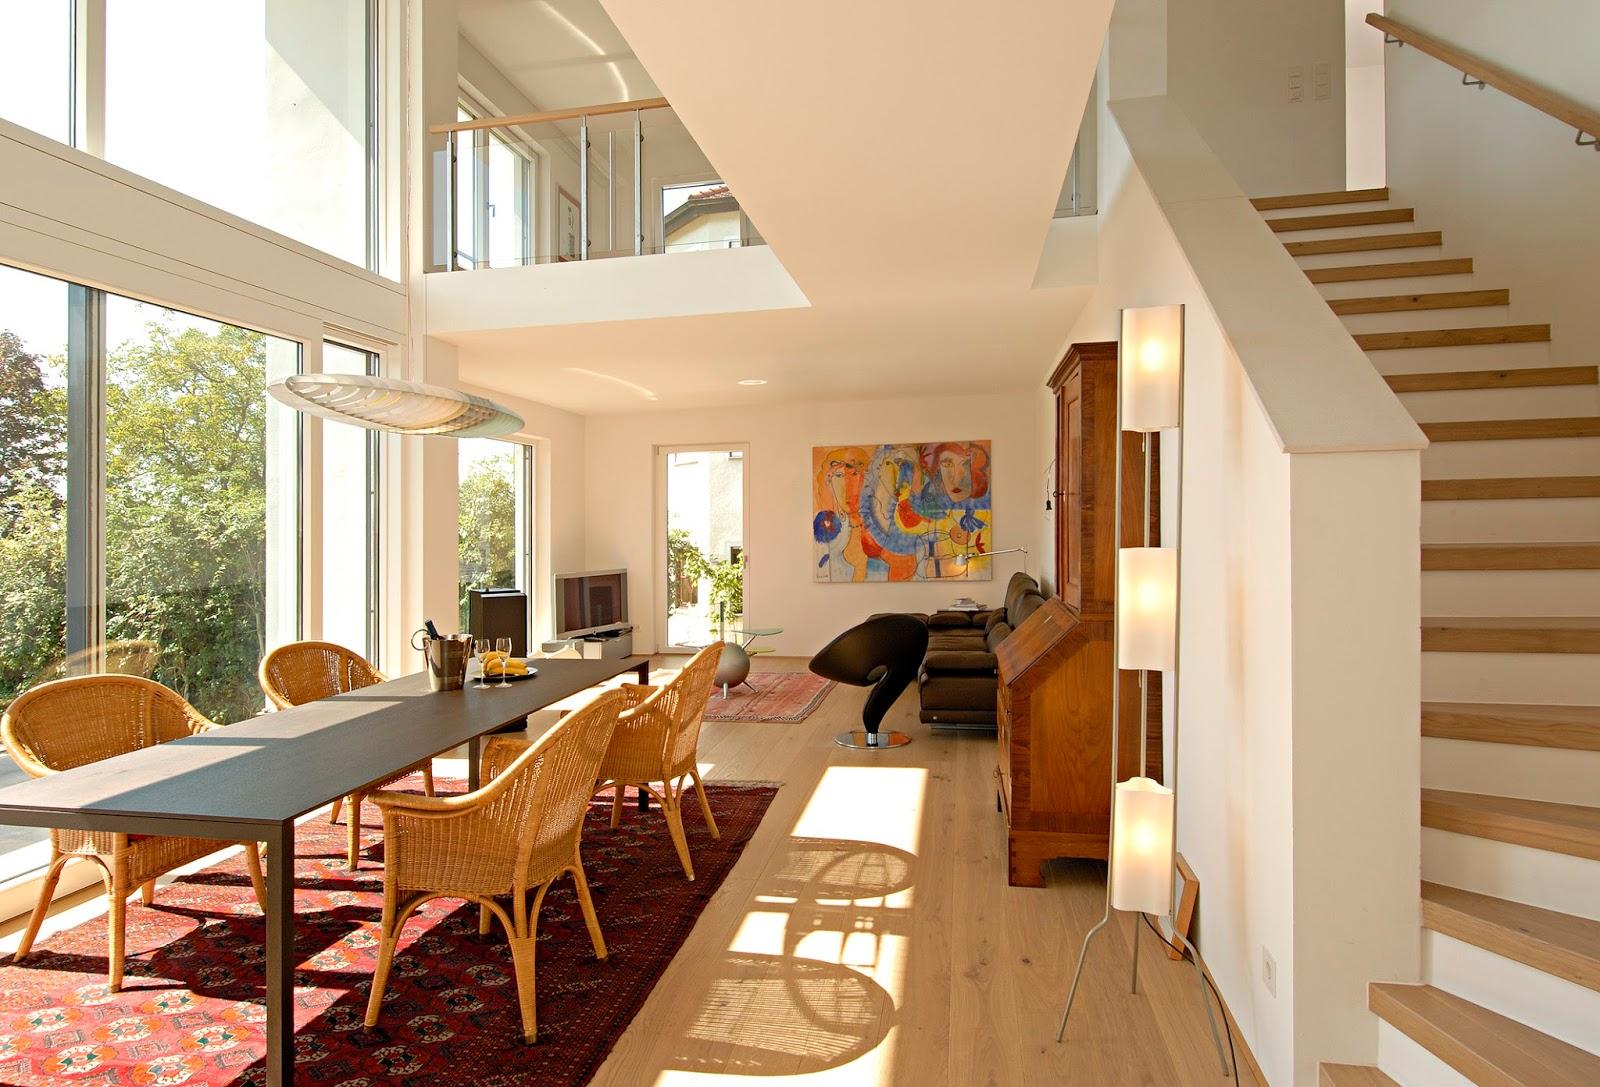 Wohnzimmer Heilbronn Beleuchtungskonzept Wohnzimmer And Team 7